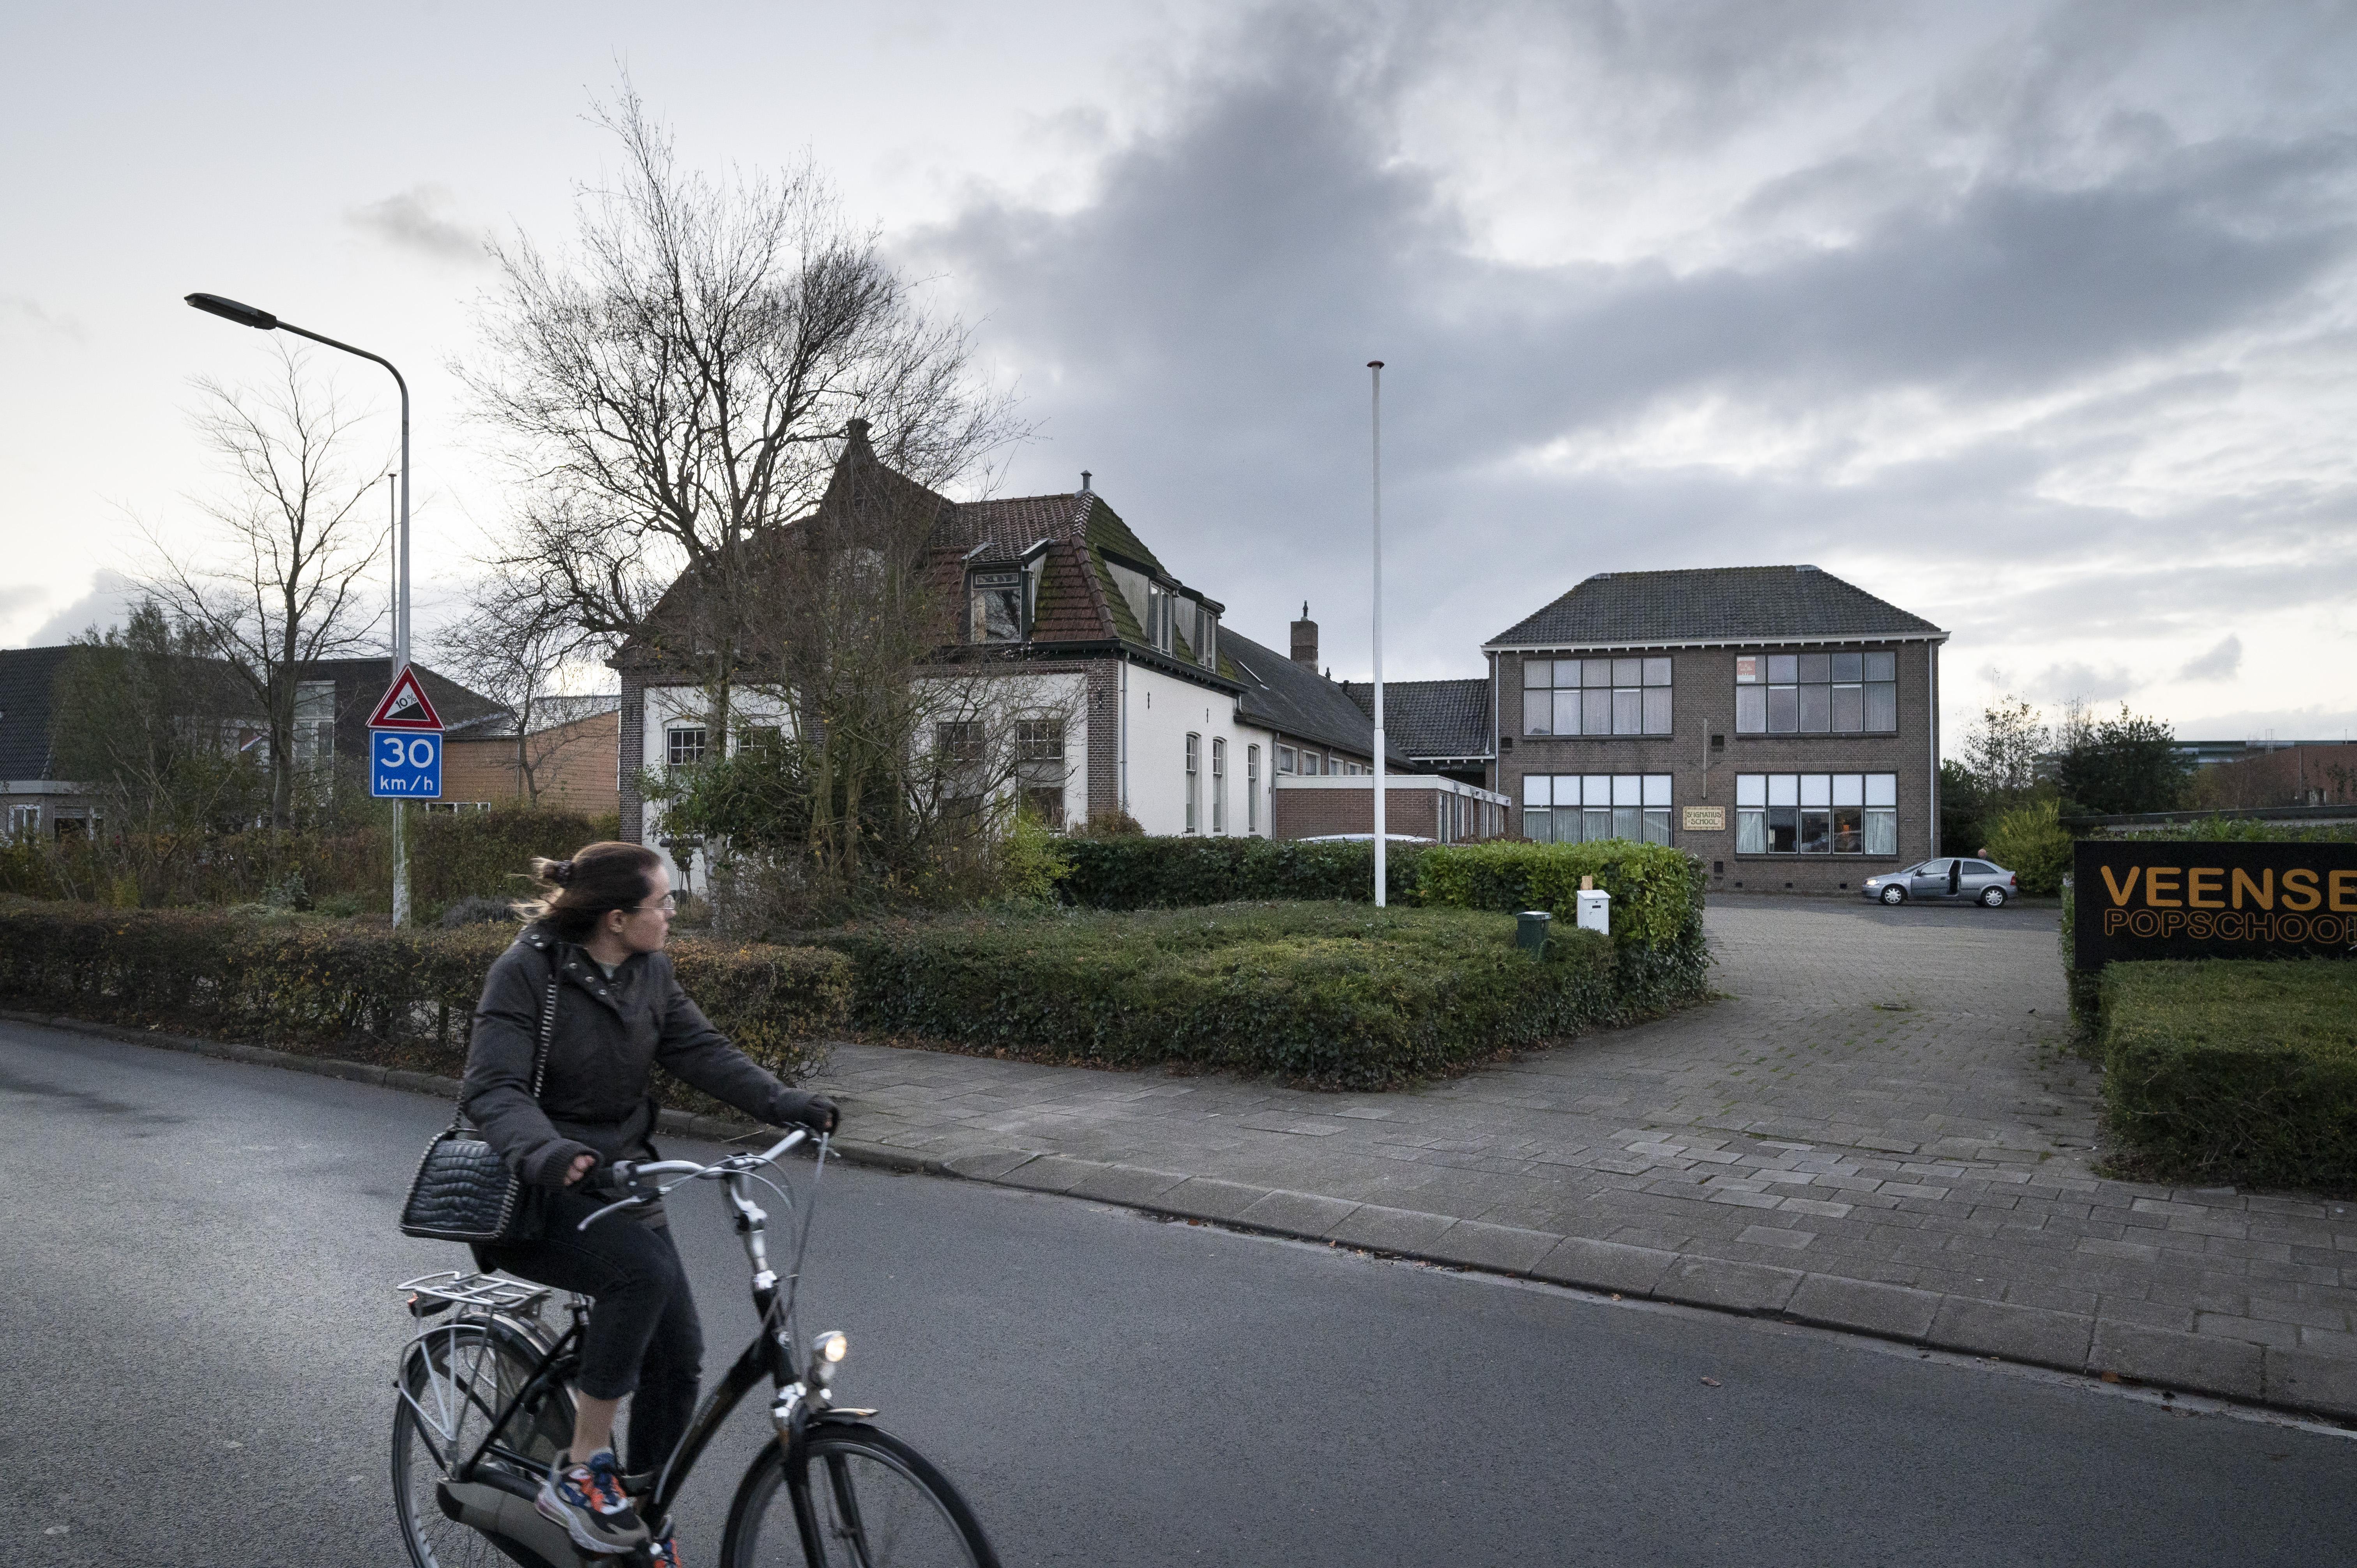 Hoogbouw voormalige St. Ignatiusschool in Roelofarendsveen in de verkoop: wie het markante pand weet te behouden, heeft streepje voor